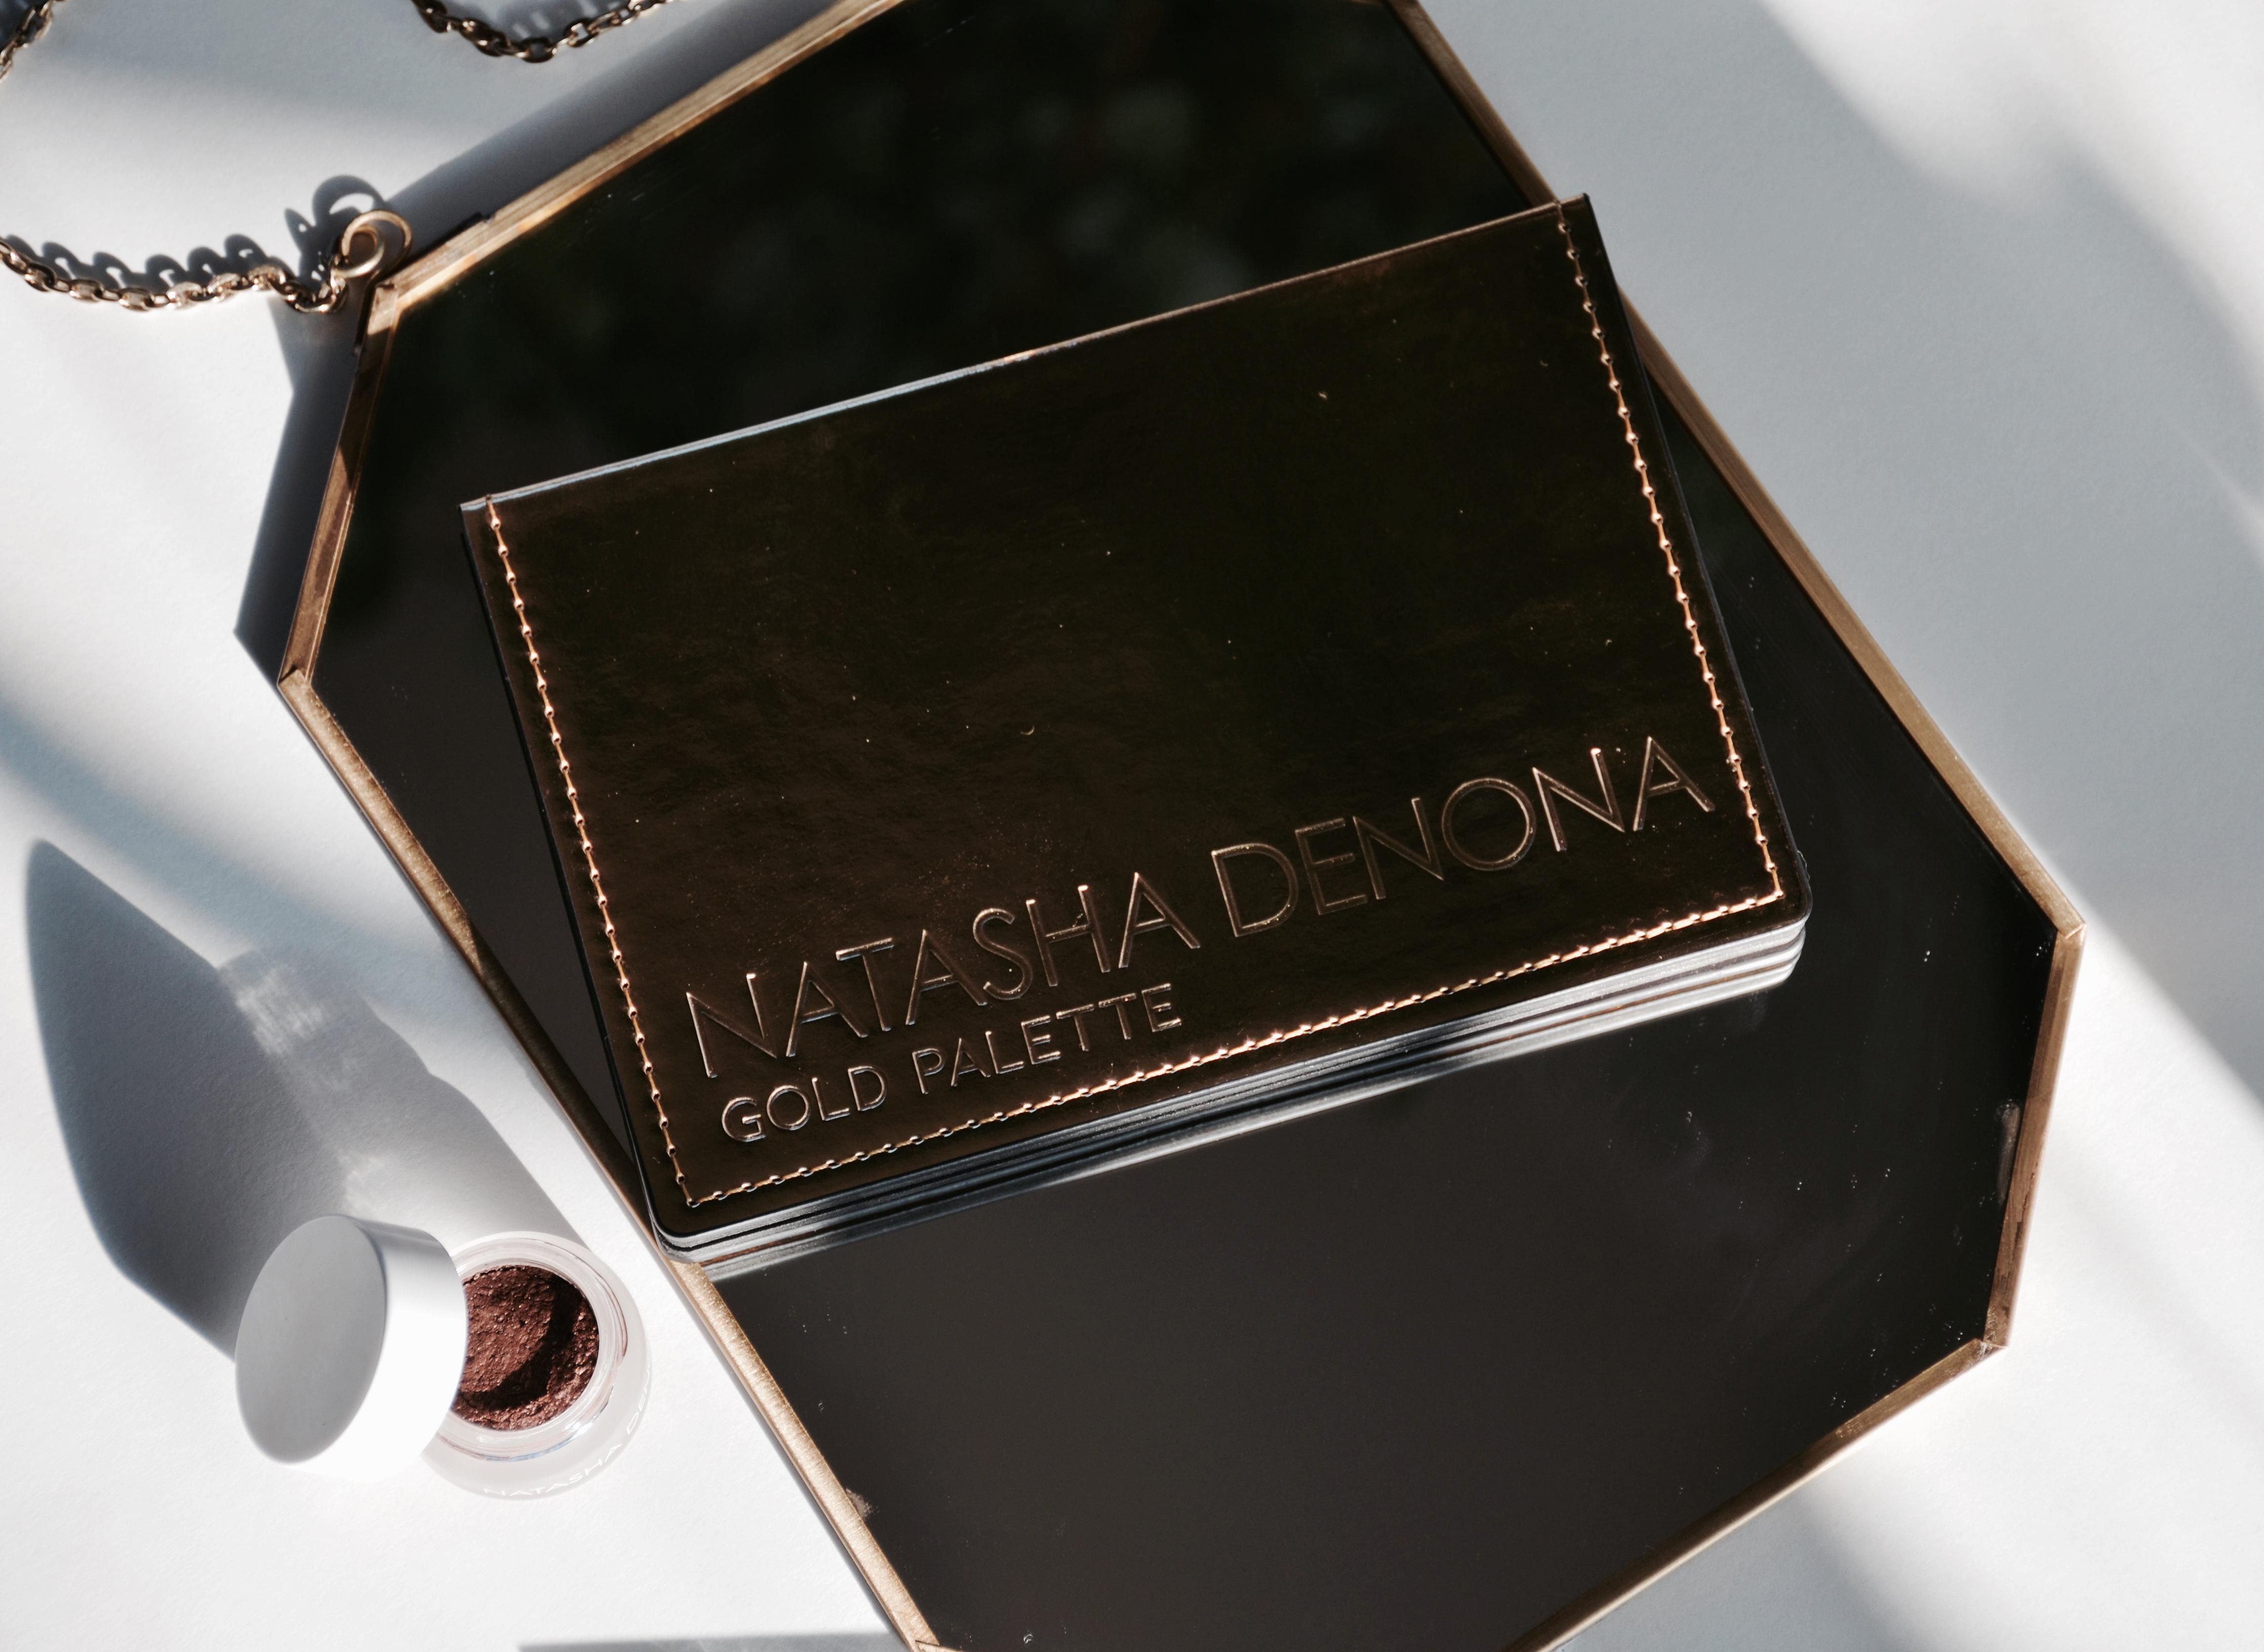 Natasha Denona Gold Palette, Mini Star Palette & Chroma Cristal Top Coat in Full Metal Bronze